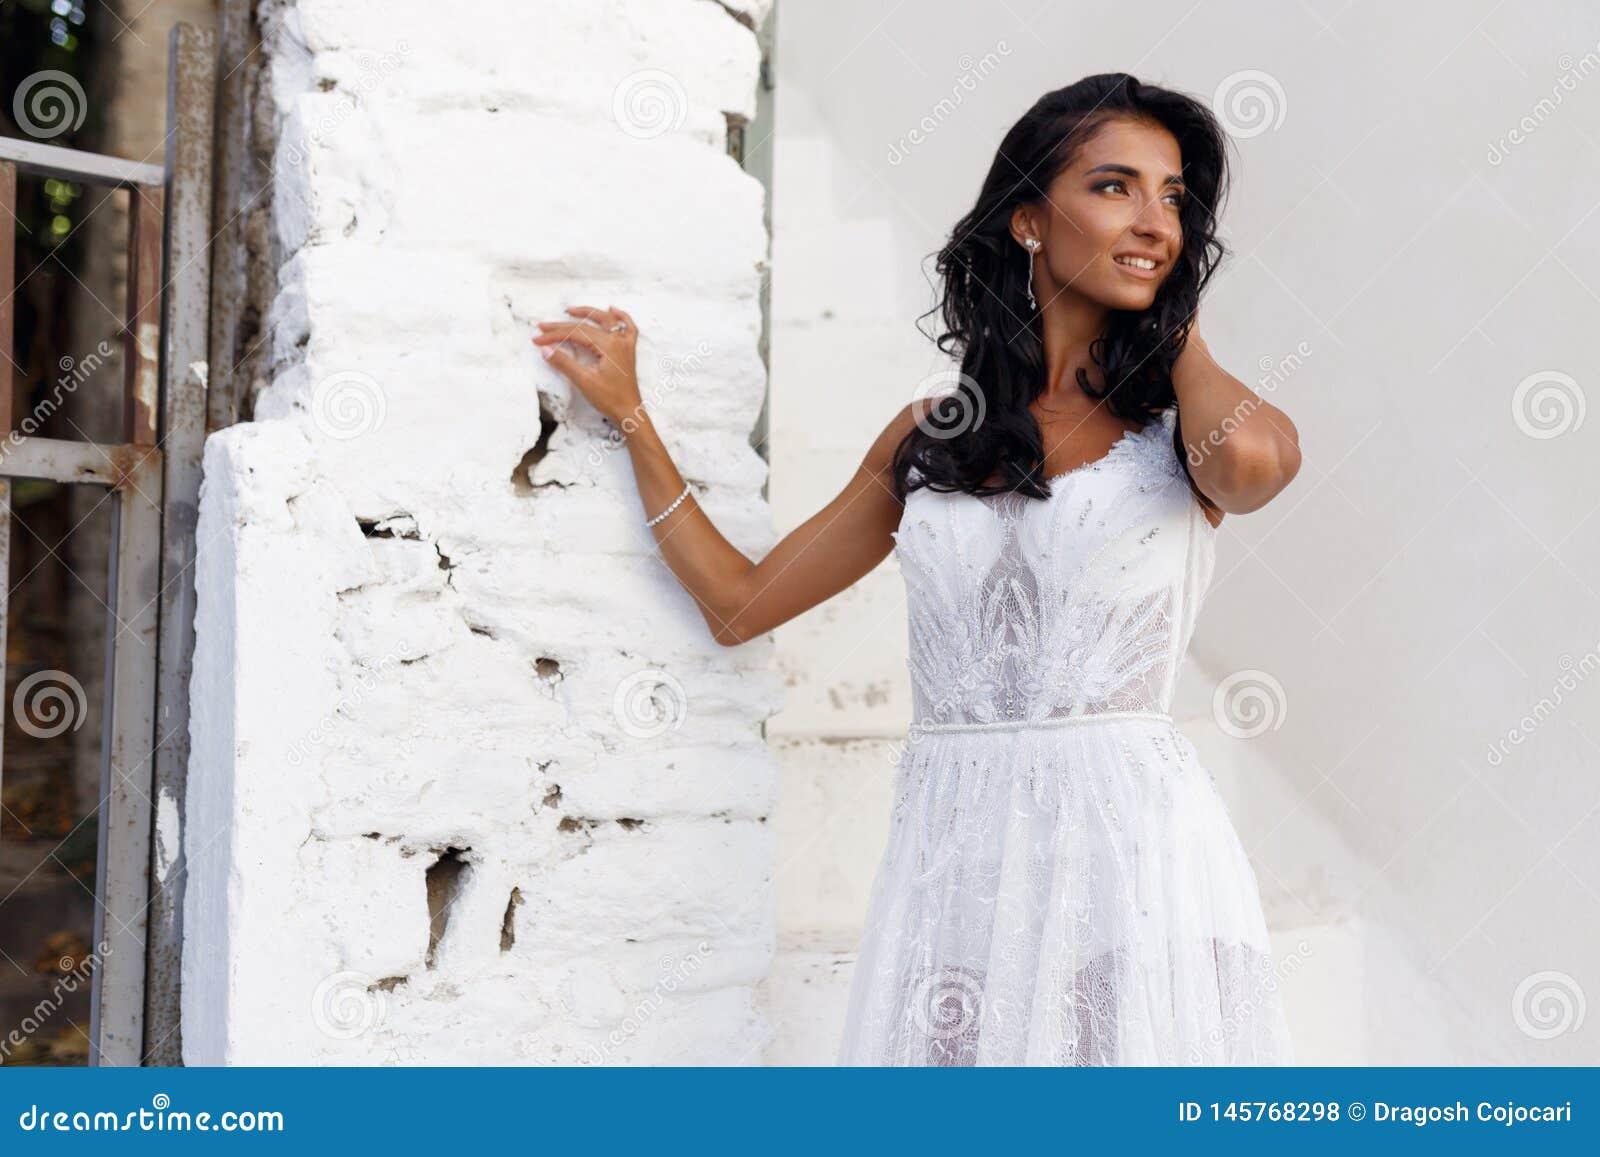 Il ritratto di profilo di una sposa in un vestito da sposa bianco, toccante leggermente i suoi capelli, posa vicino ad una parete